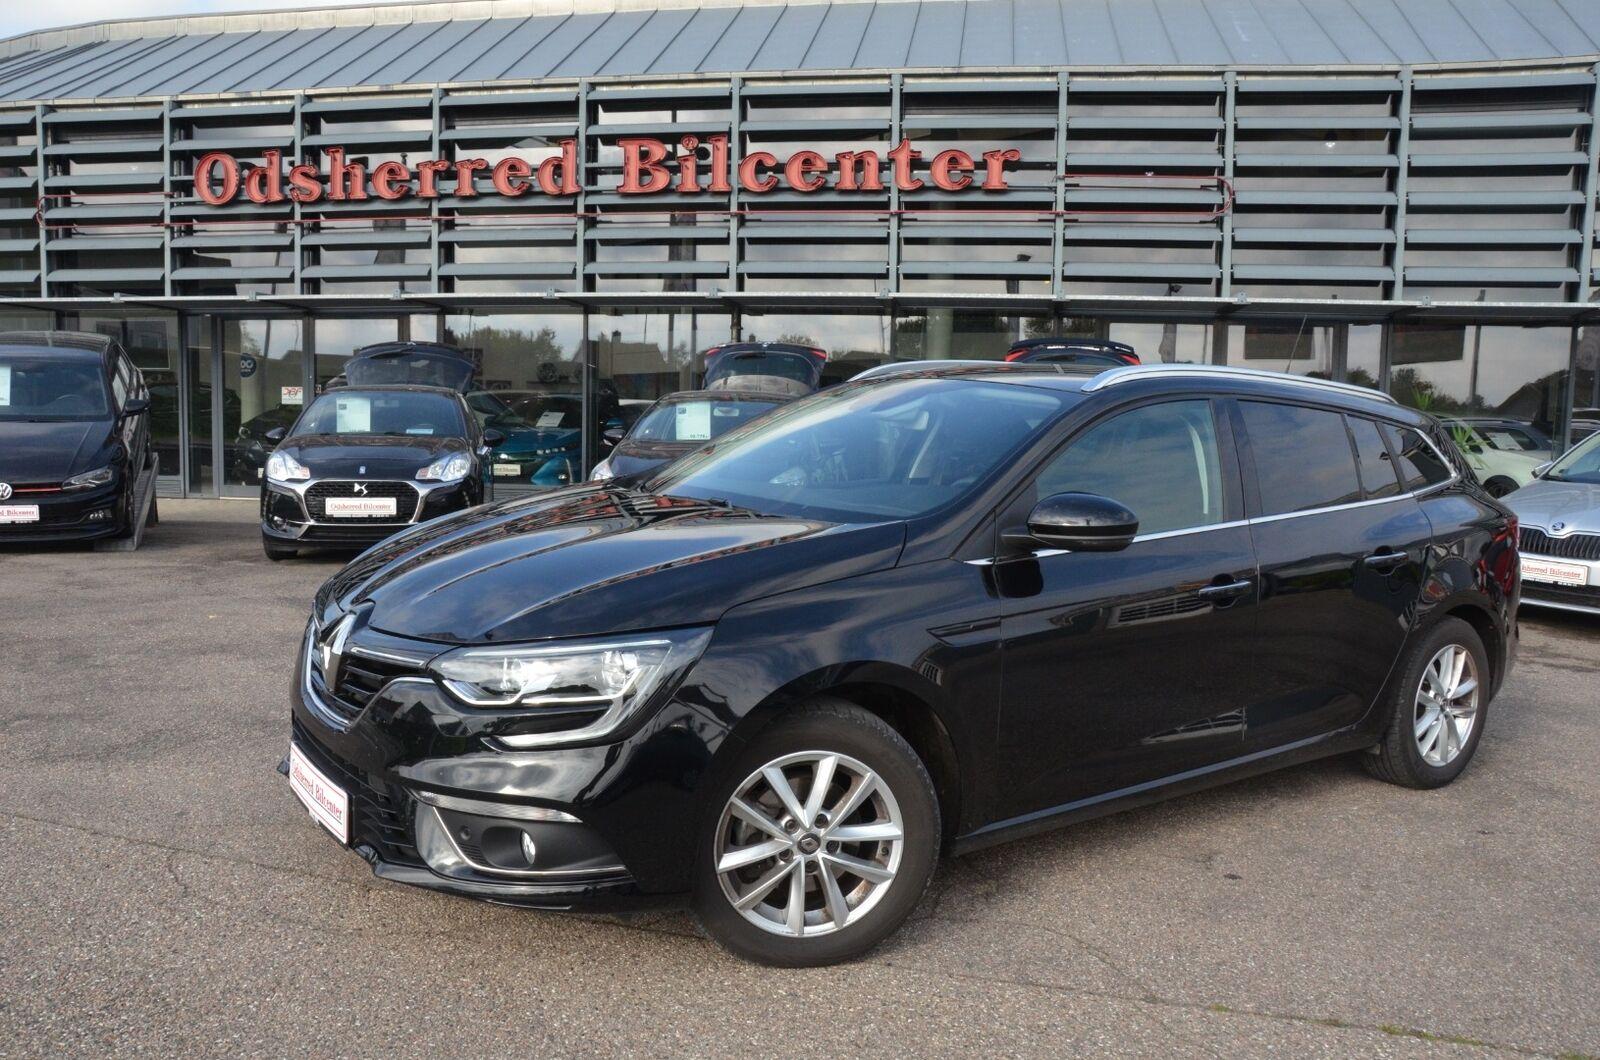 Renault Megane IV 1,5 dCi 115 Zen ST 5d - 188.500 kr.